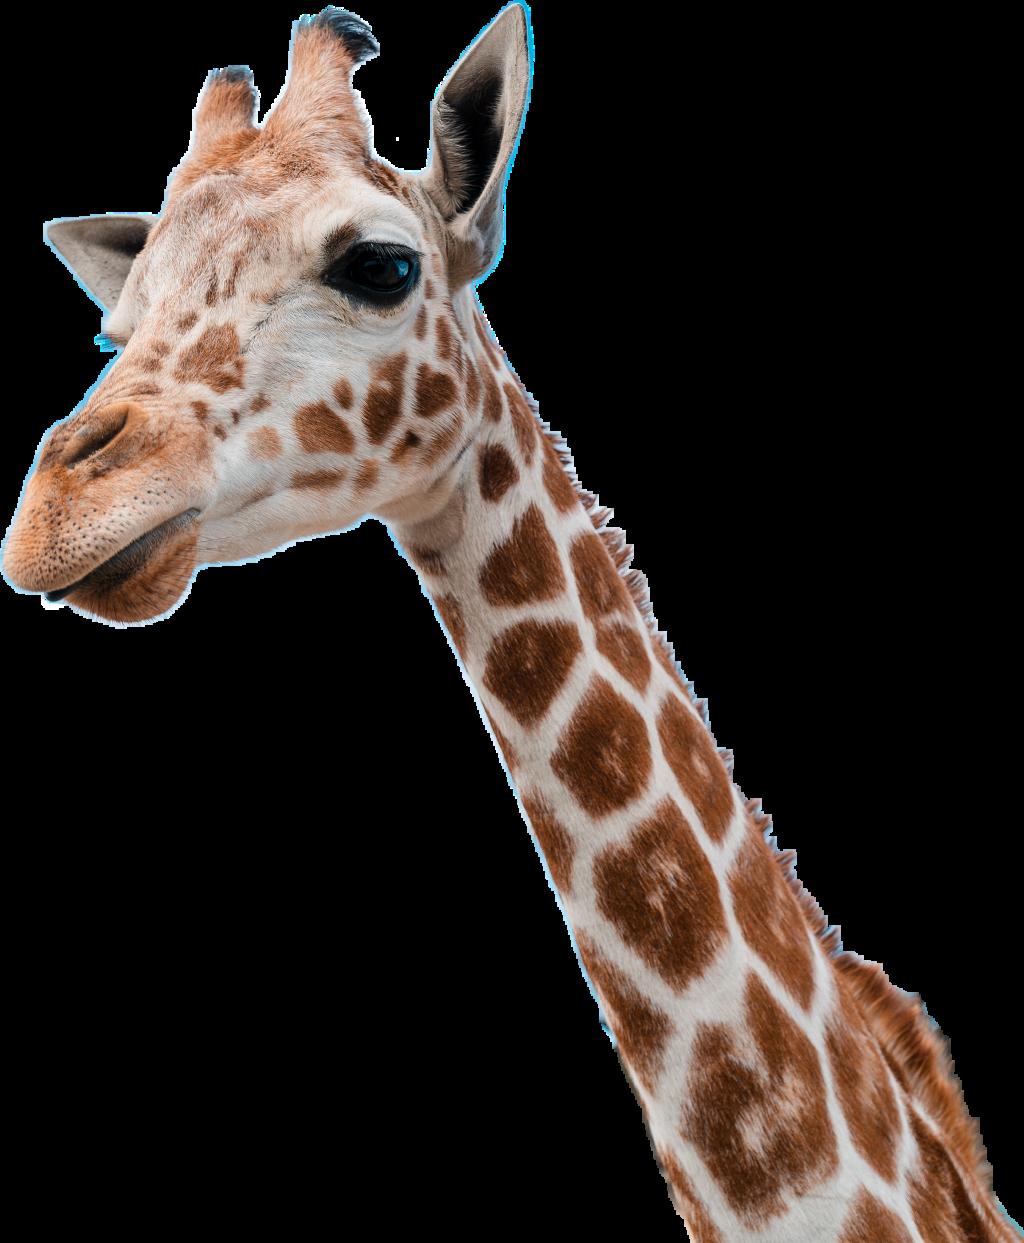 #giraffe #girafe # #dubrootsgirlremix